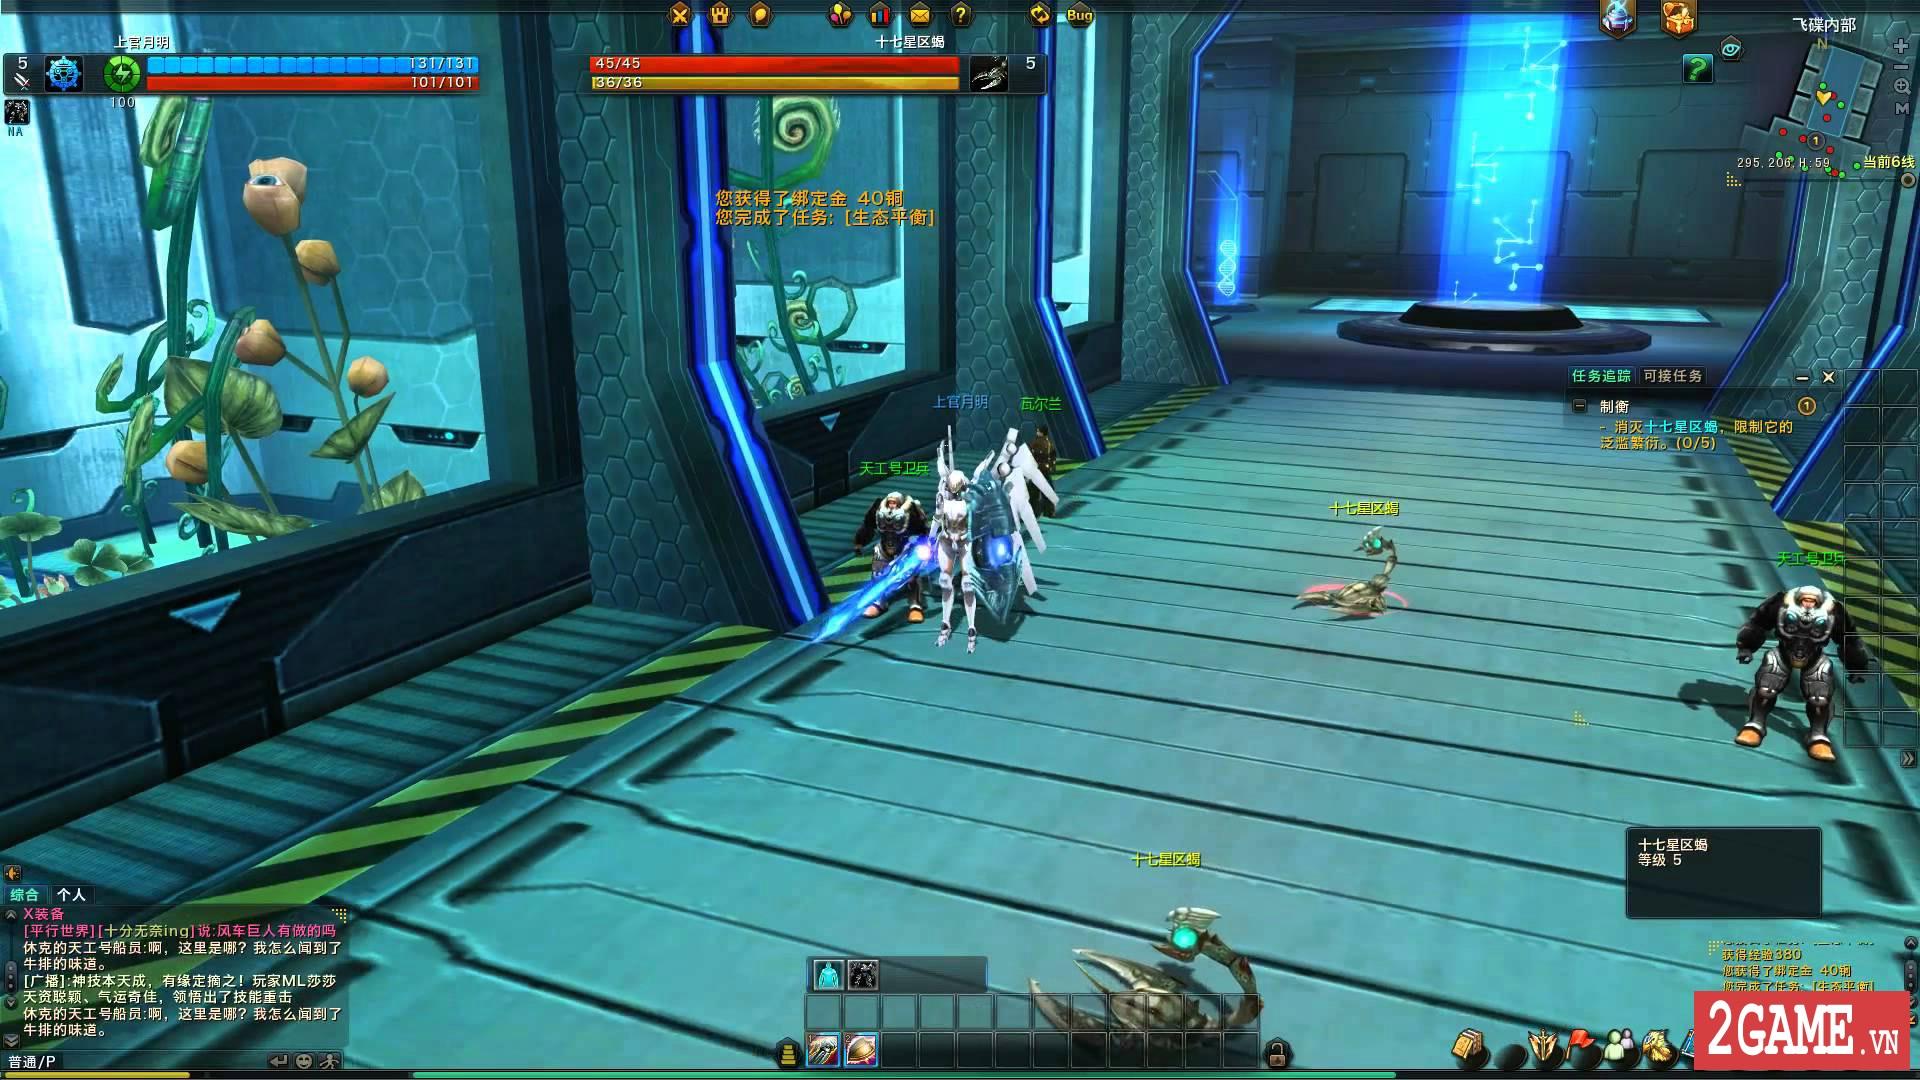 Infinite Worlds – Siêu phẩm game nhập vai với bối cảnh mới lạ chưa từng thấy 7